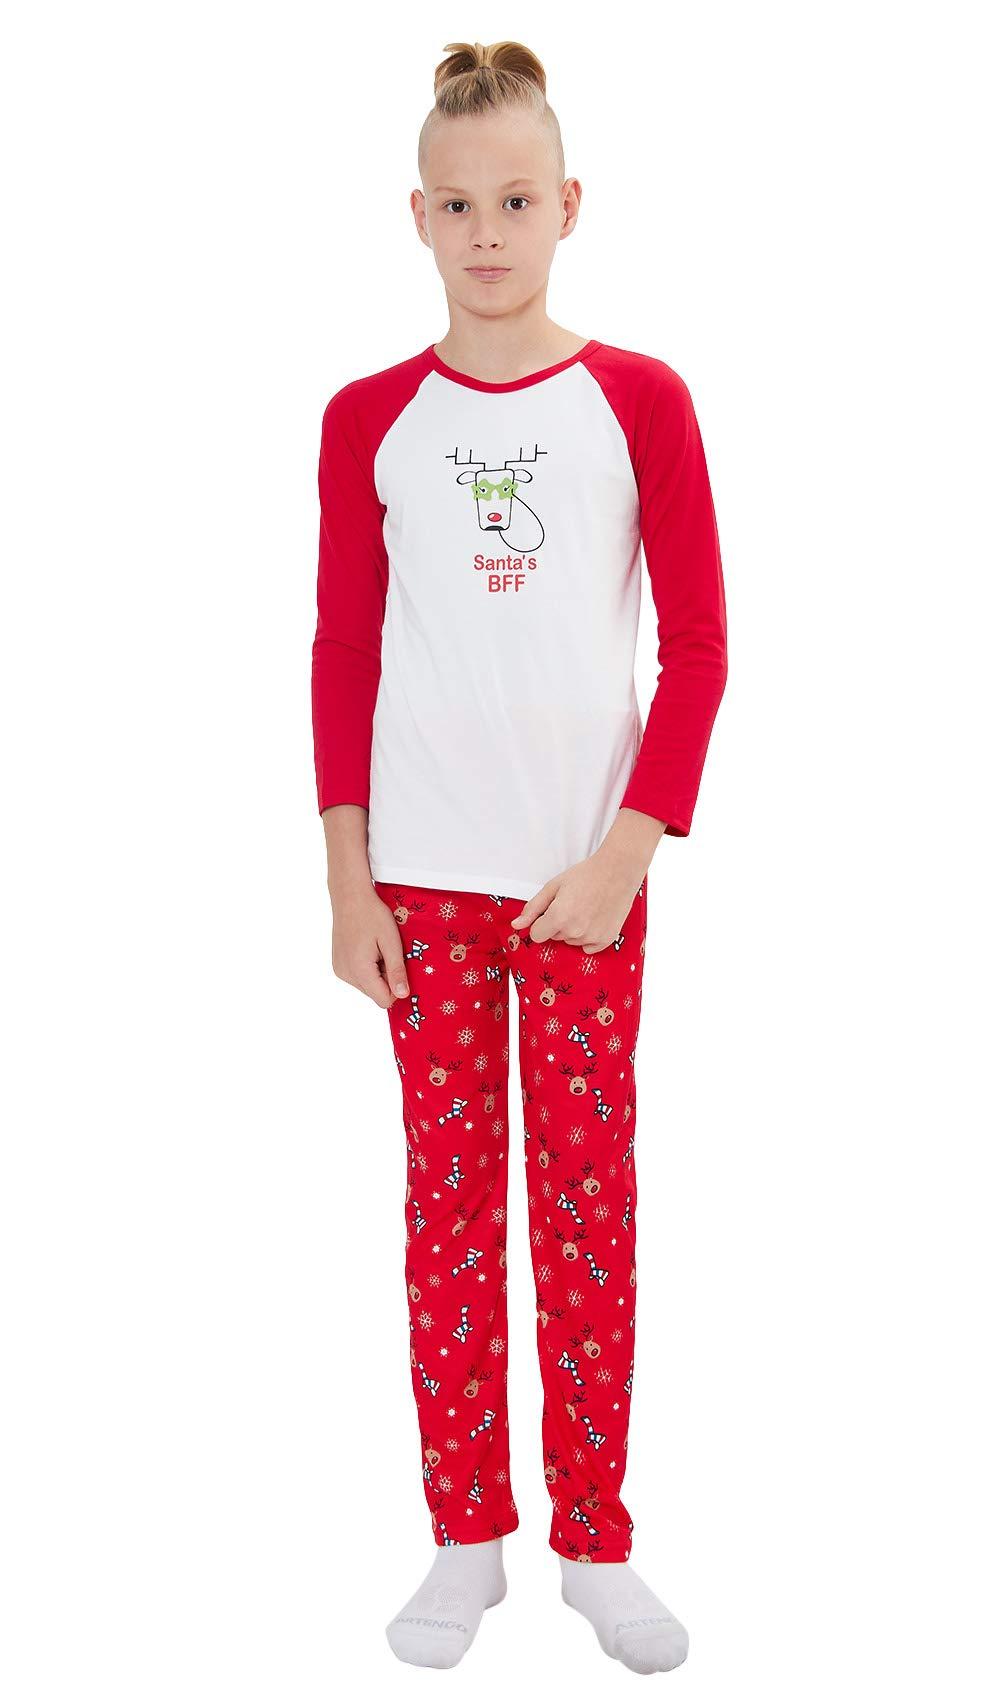 Natale Famiglia Matching Pigiama, Divertente Babbo Natale Chillin Lettera Stampa Mamma e papà Bambini Sleepwear Pigiama Bambino Manica Lunga Set per Ragazze Ragazzi